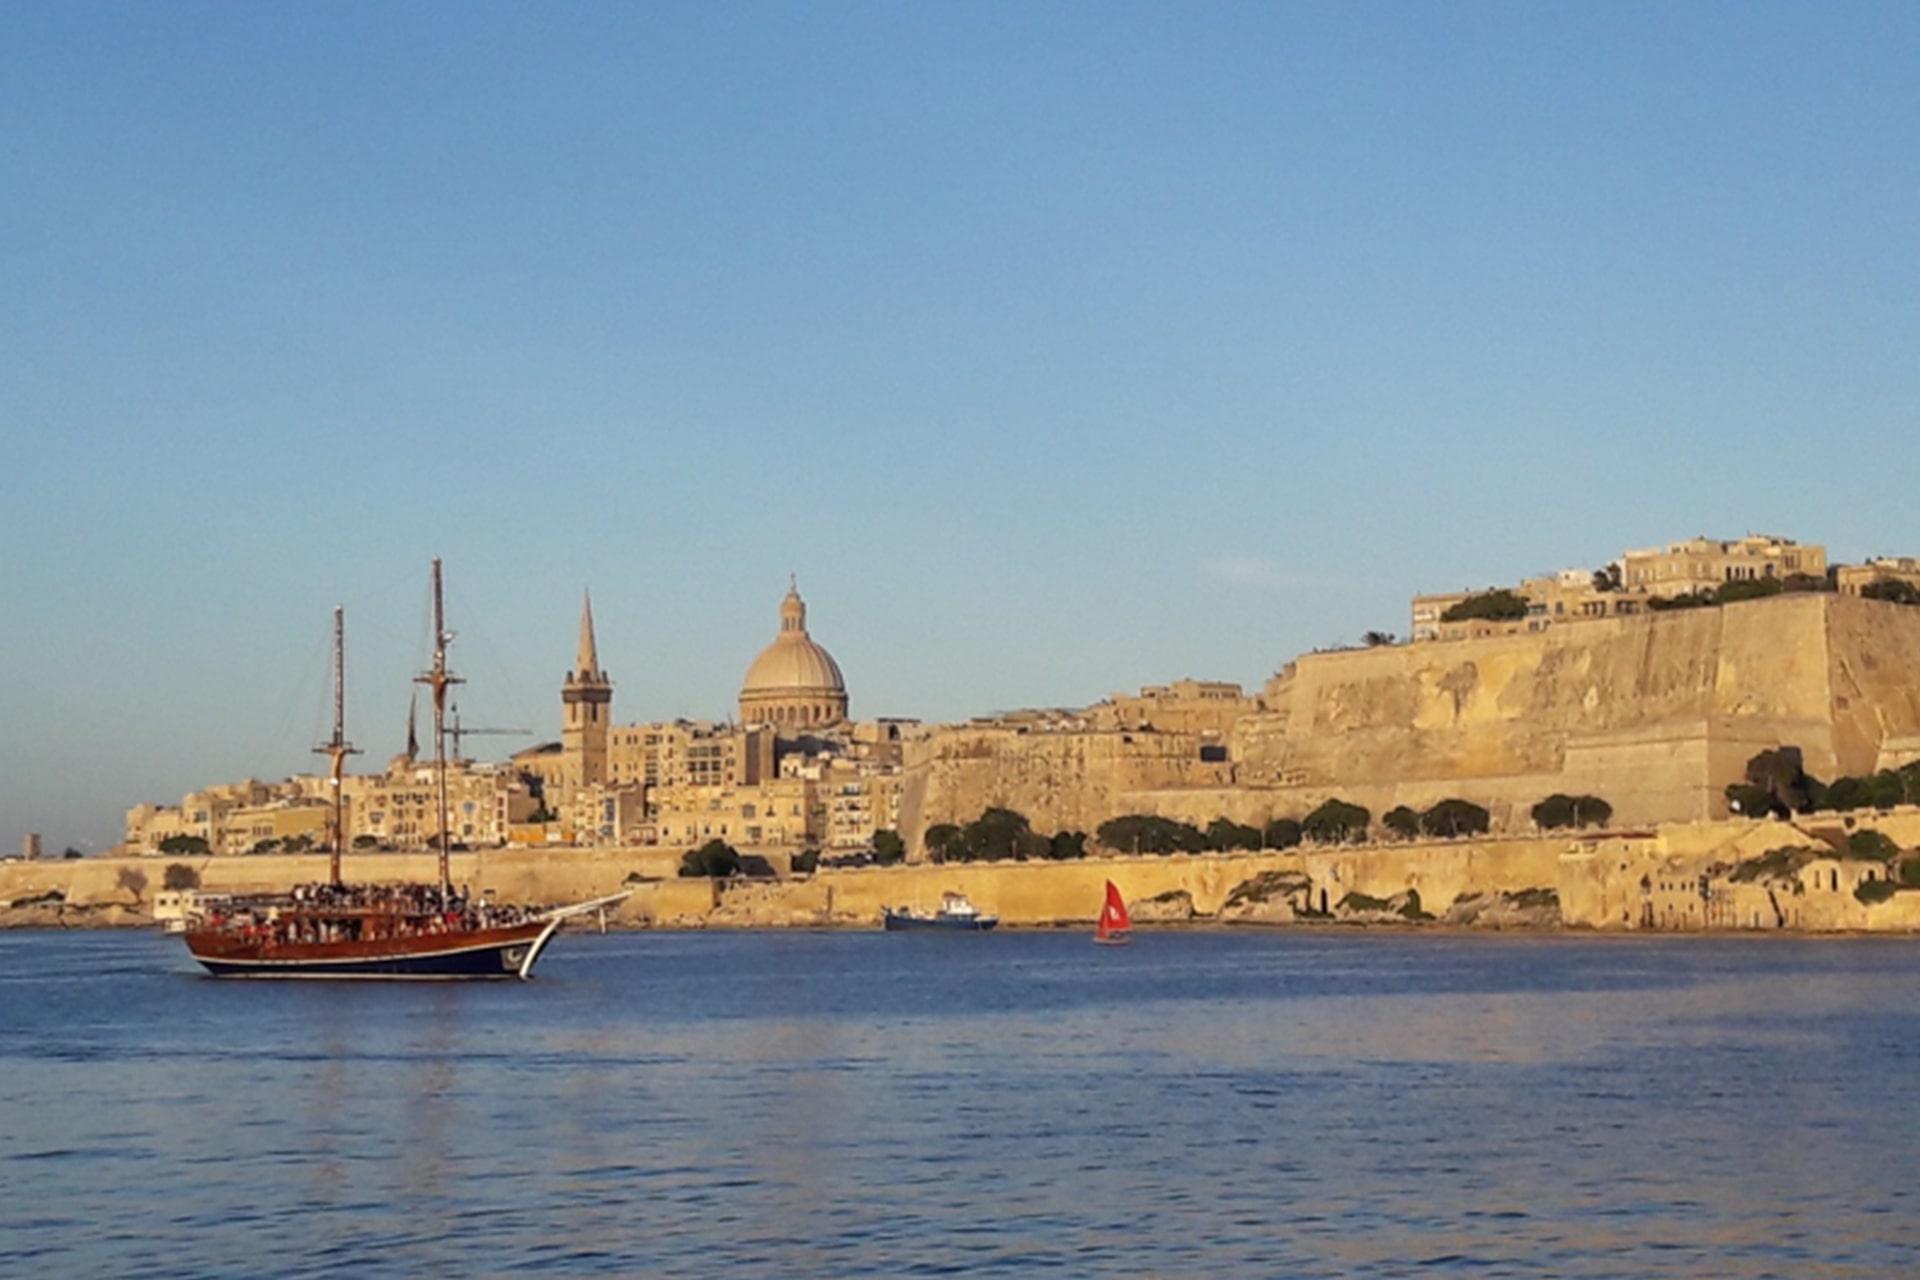 Les incontournables à voir et à faire à Malte